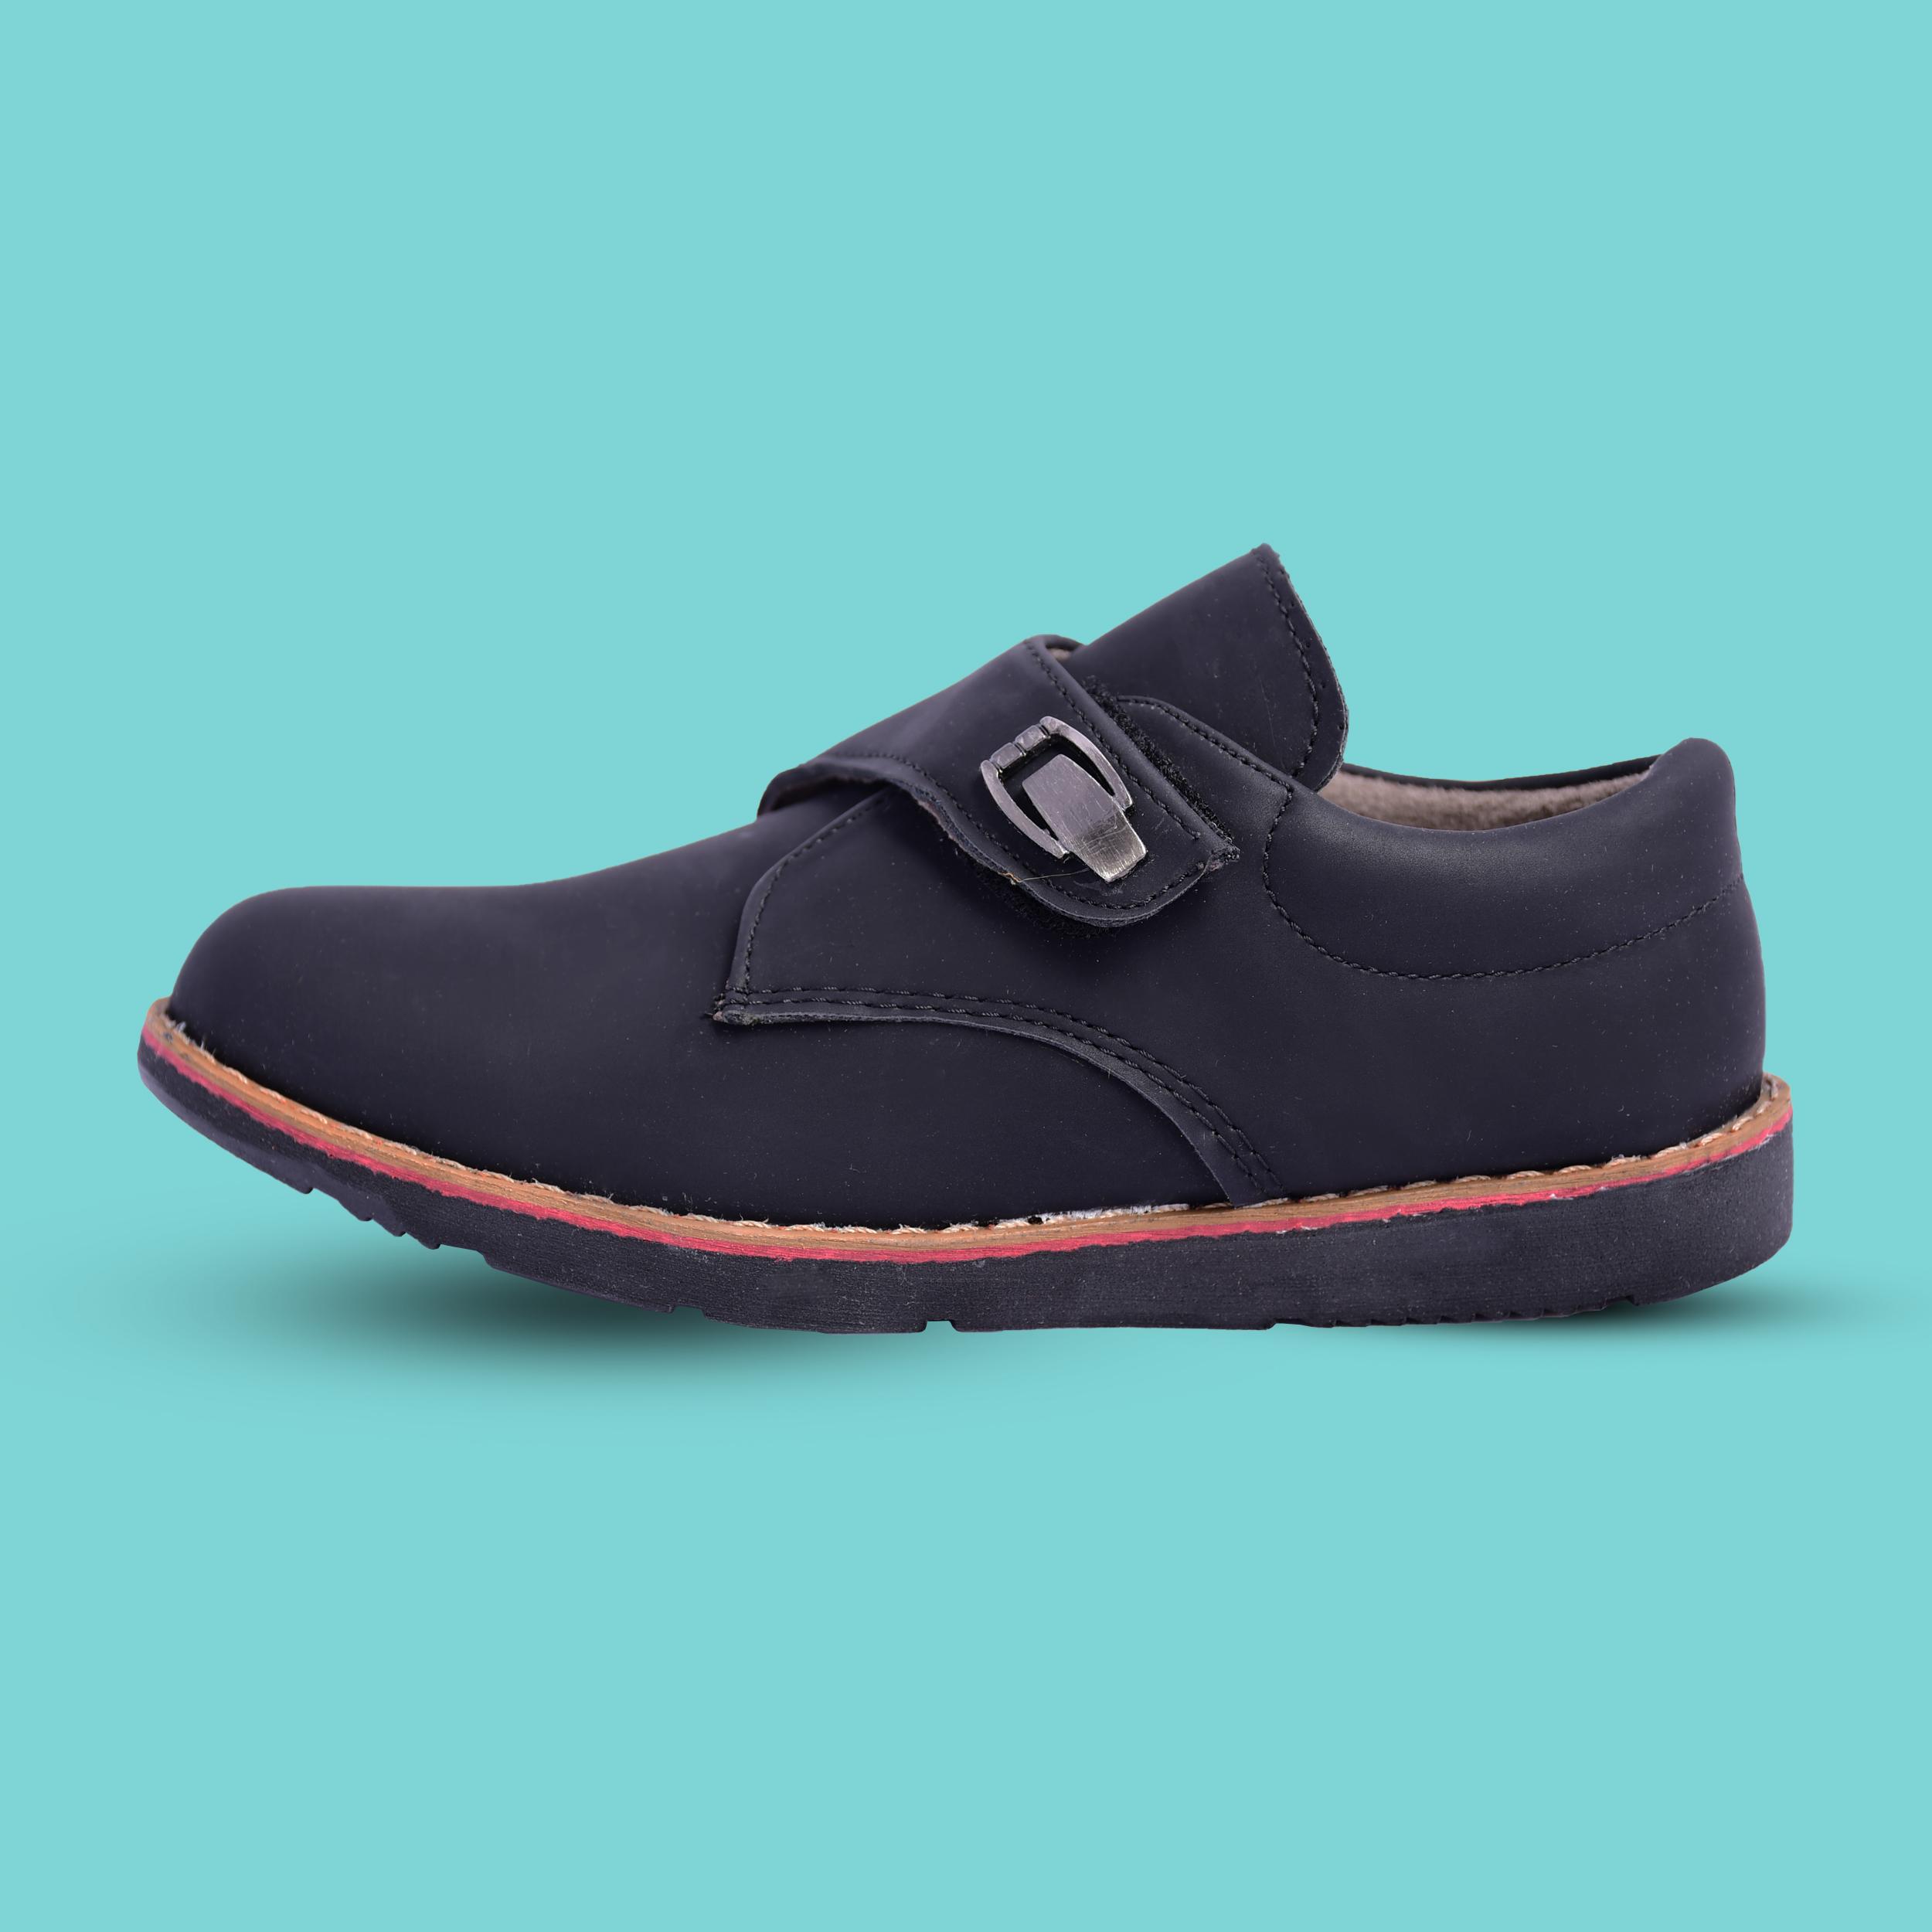 کفش پسرانه مدلBjir